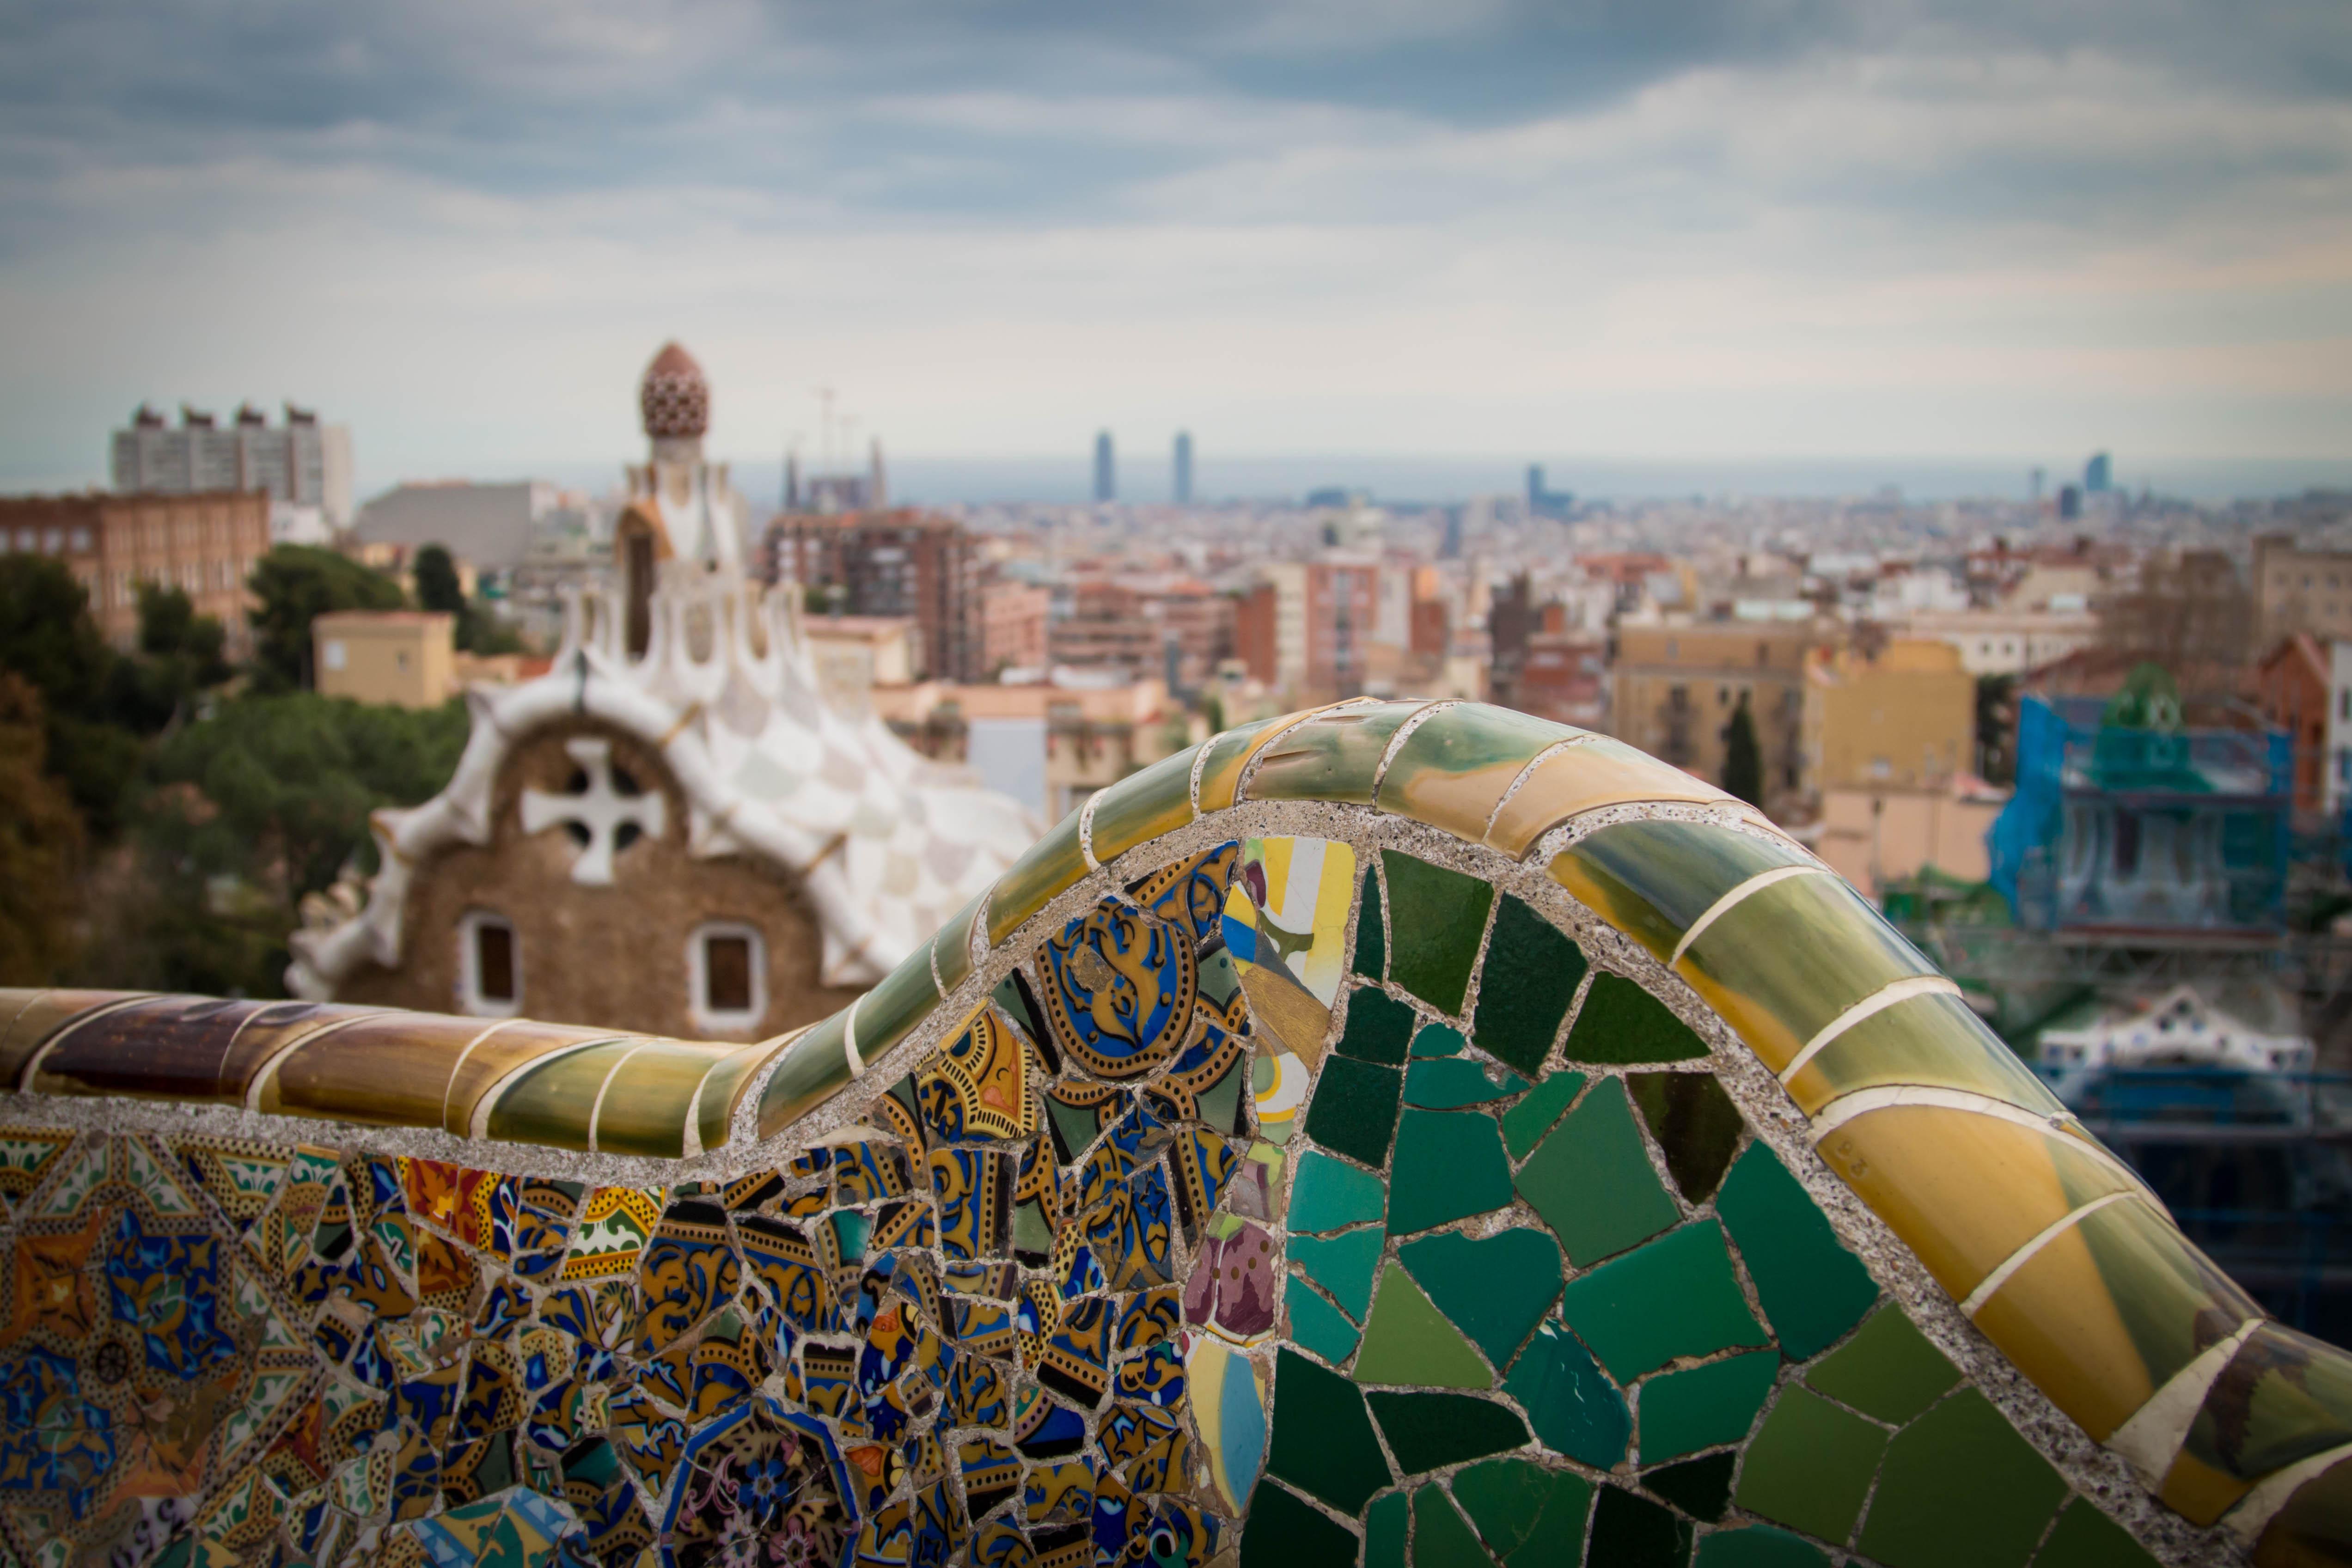 デスクトップ壁紙 風景 シティ 都市景観 スカイライン スペイン 世界 15年 バルセロナ アート 色 パークグエル ランドマーク カラー パサギ スパニャ 市街地 人間の決済 遊園地 50x3393 デスクトップ壁紙 Wallhere